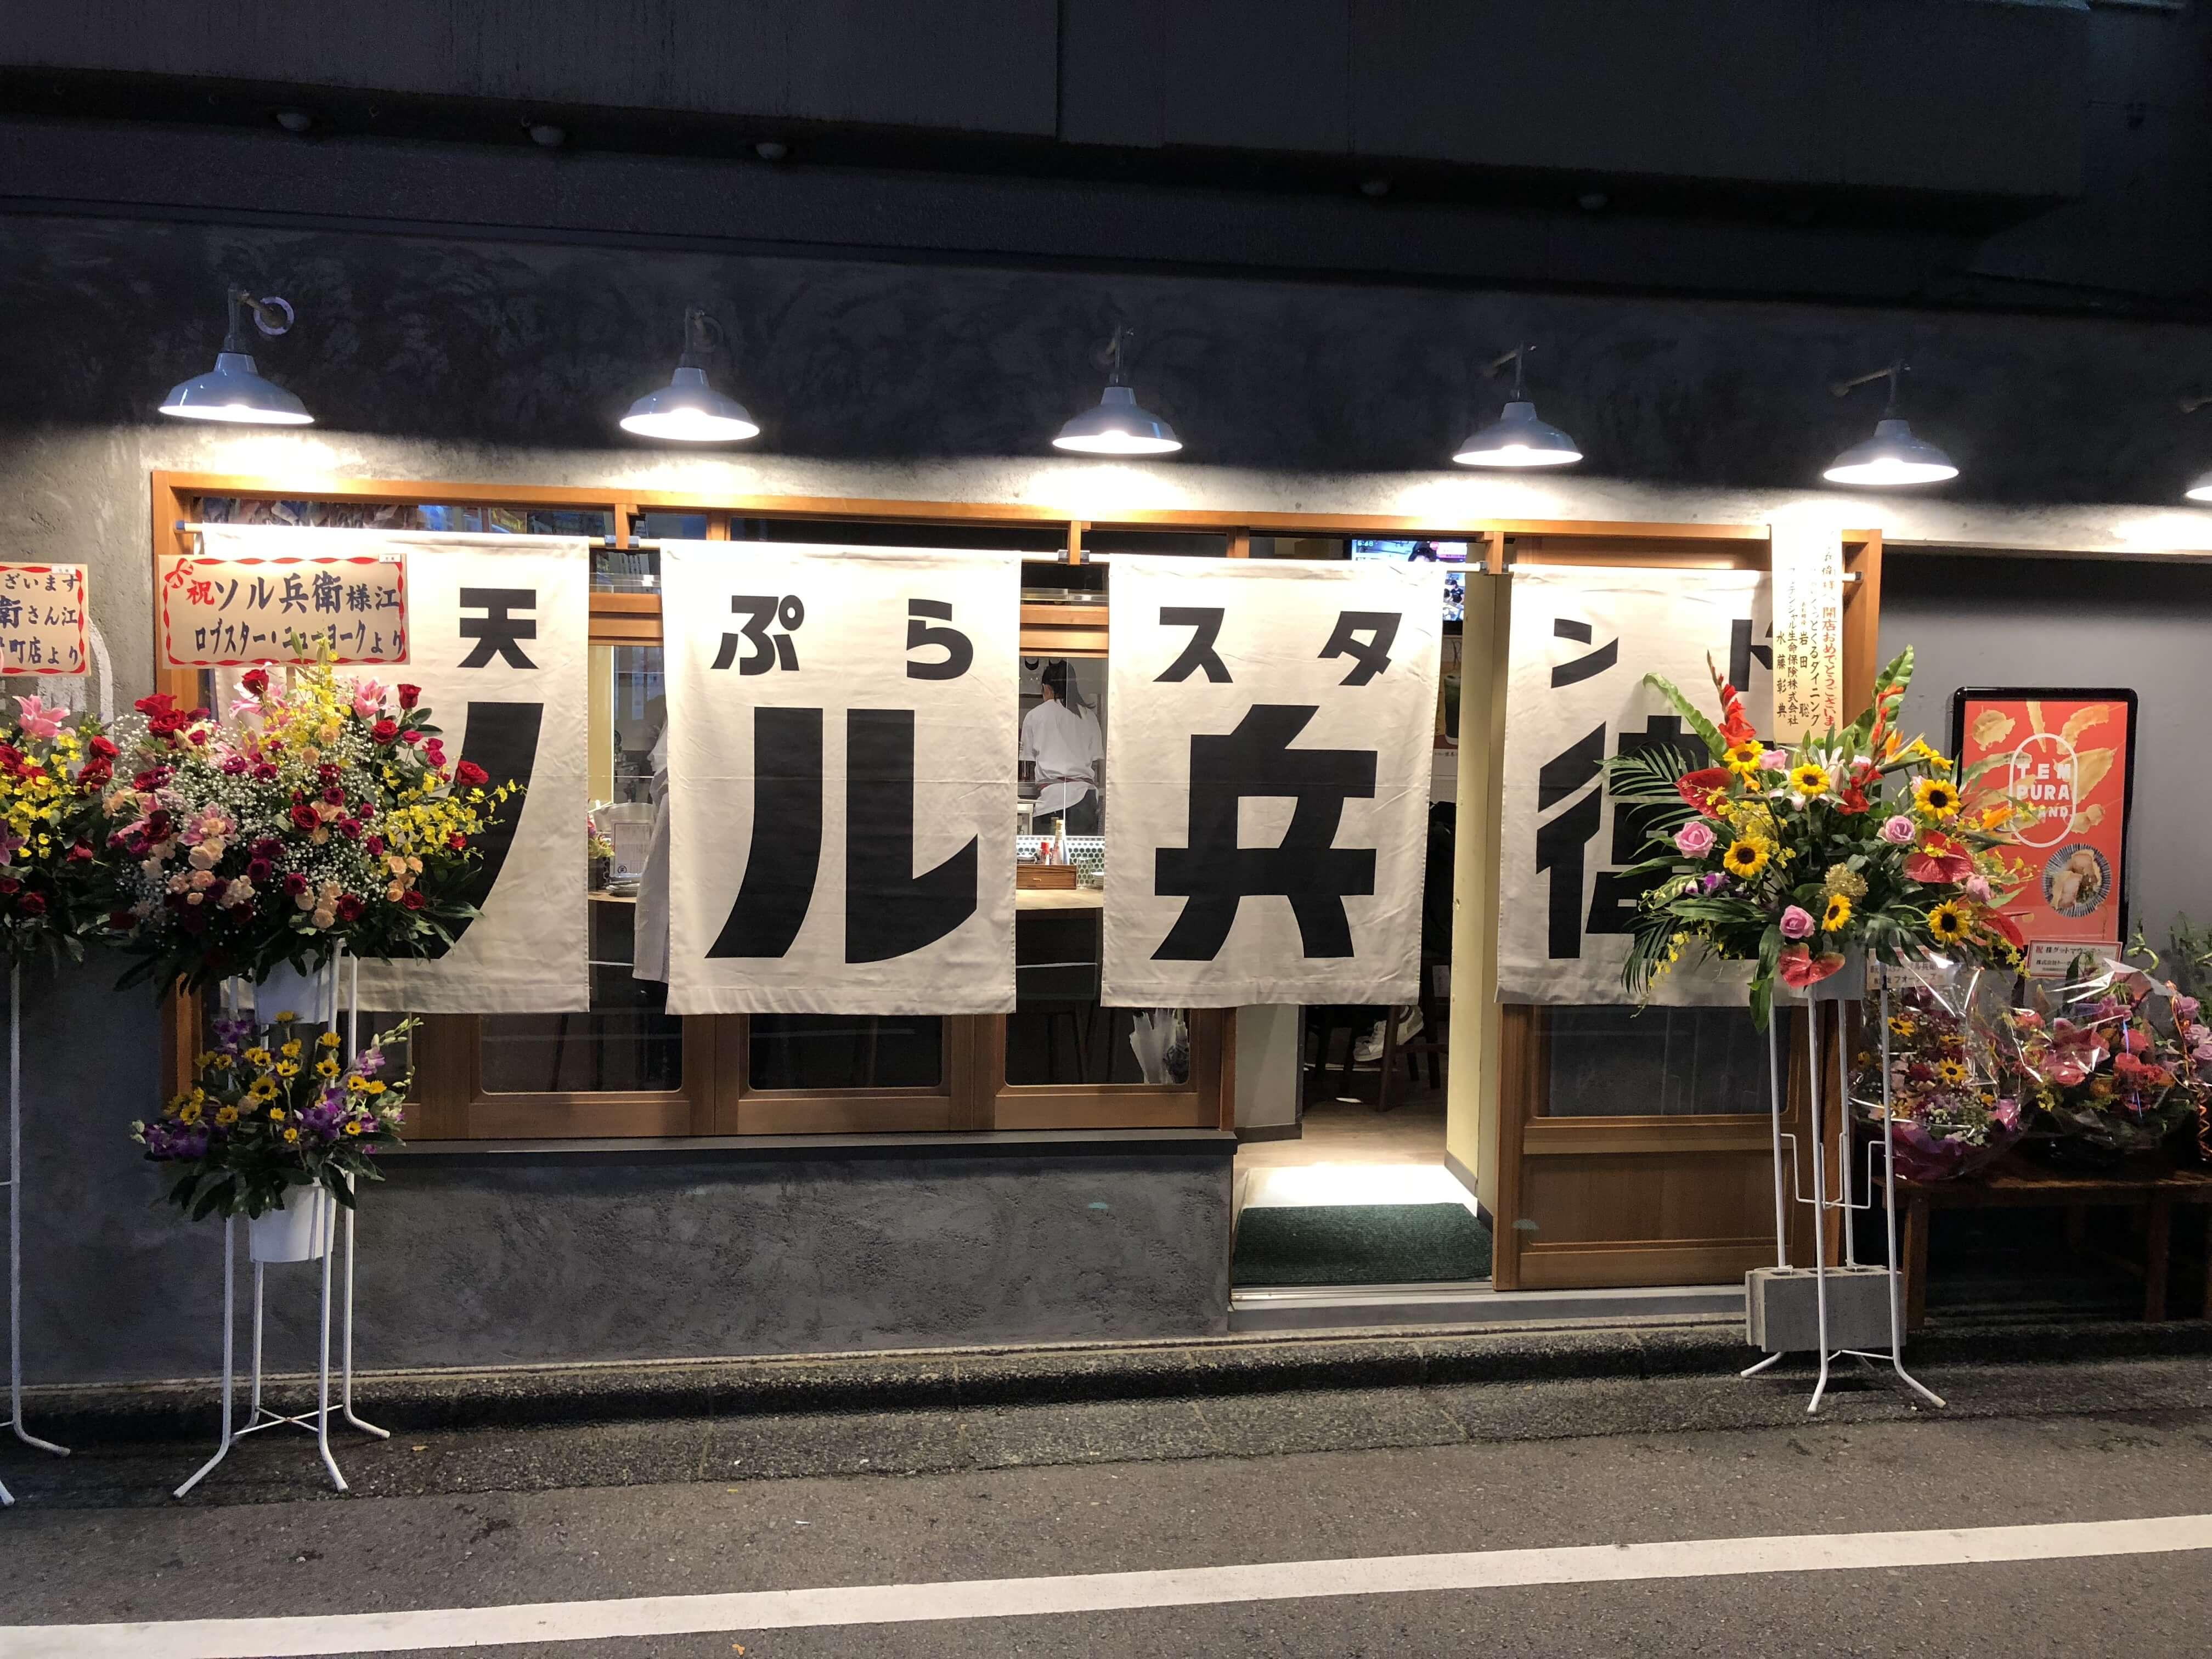 もっと手軽に揚げたて天ぷら!! 『 ソル兵衛 』木倉町に新たな天ぷらスタンドがオープン !!